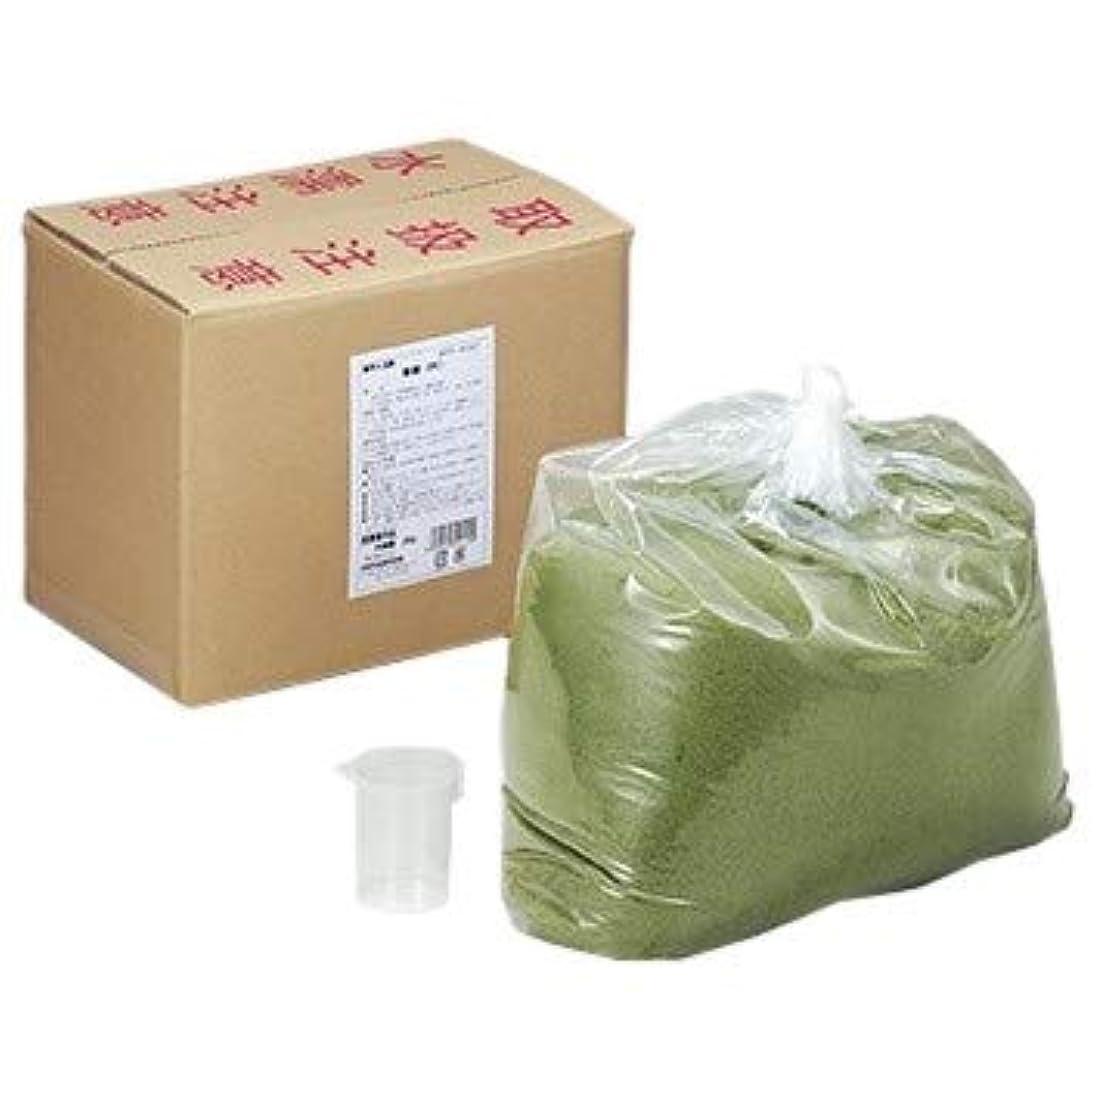 シビックスワップ合成新緑 業務用 20kg 入浴剤 医薬部外品